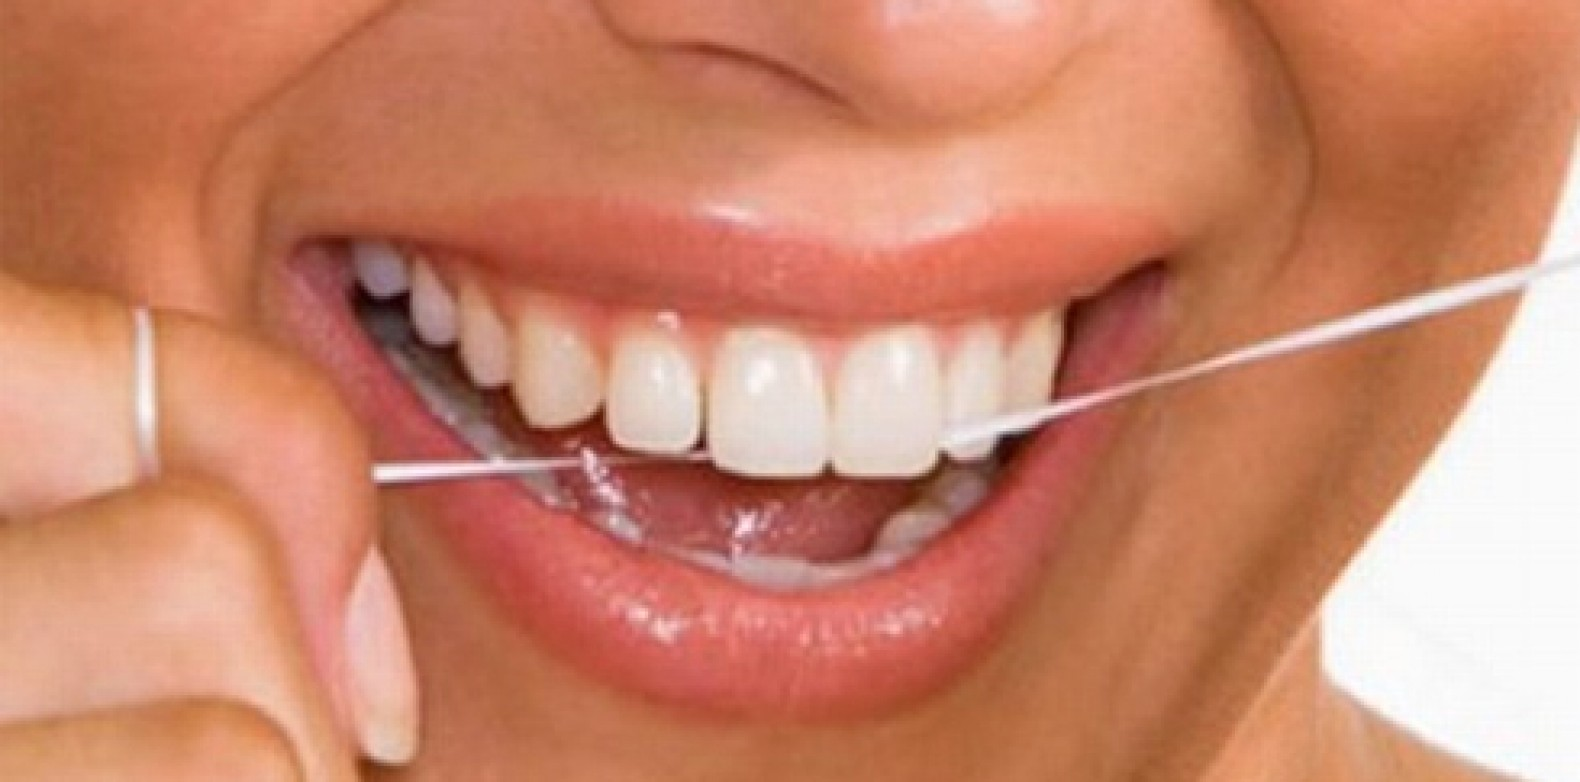 Uso correto do fio dental previne doenças bucais